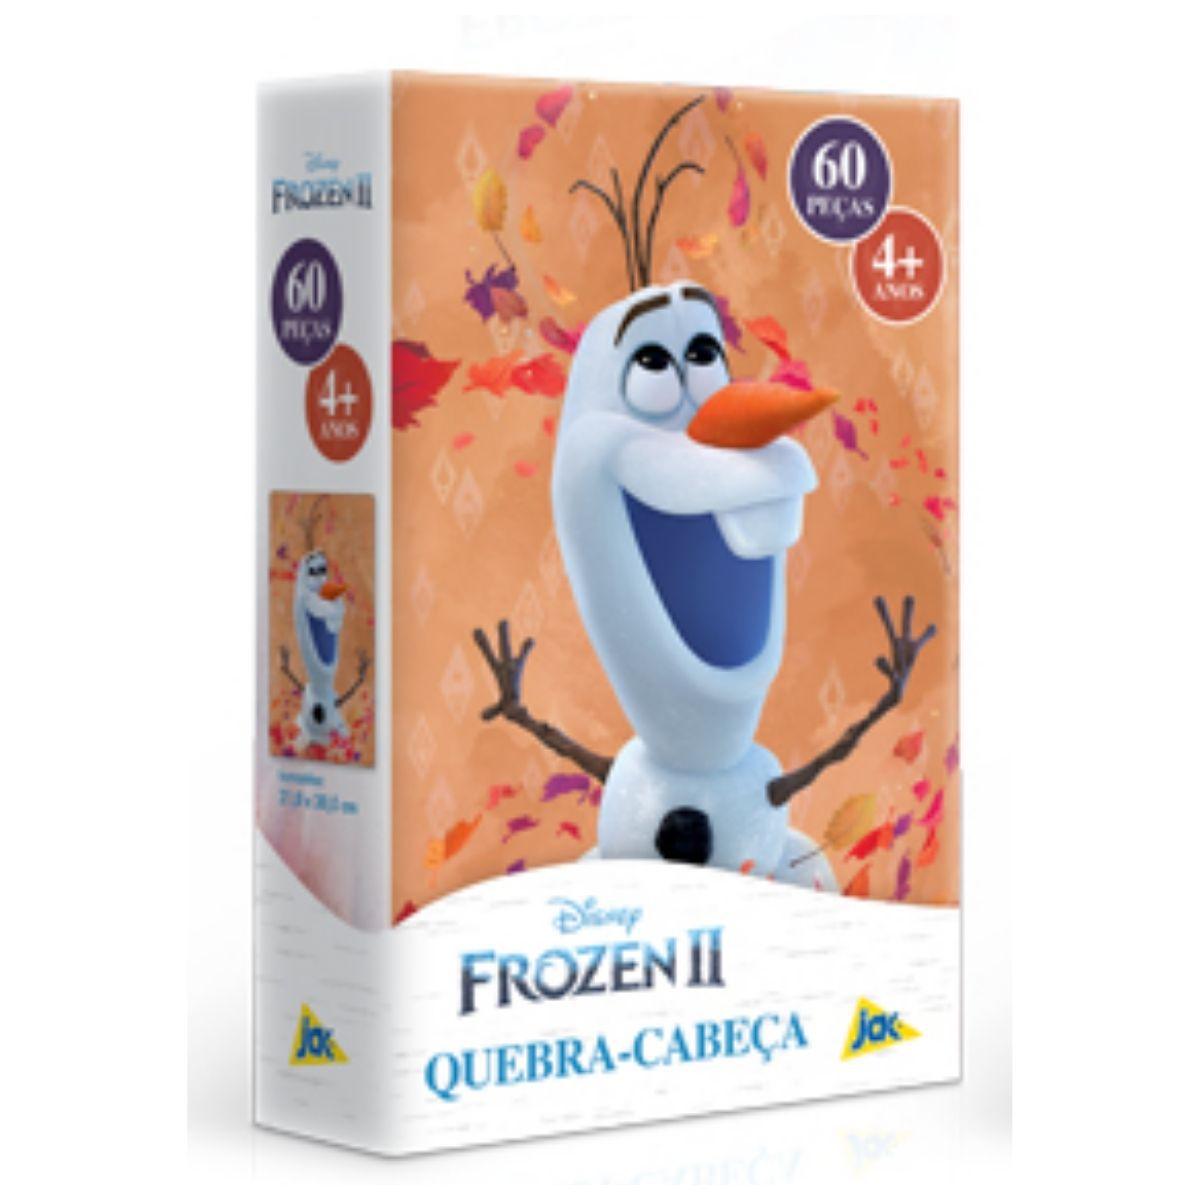 Frozen 2 Olaf Quebra Cabeça Infantil 60 peças  - Game Land Brinquedos